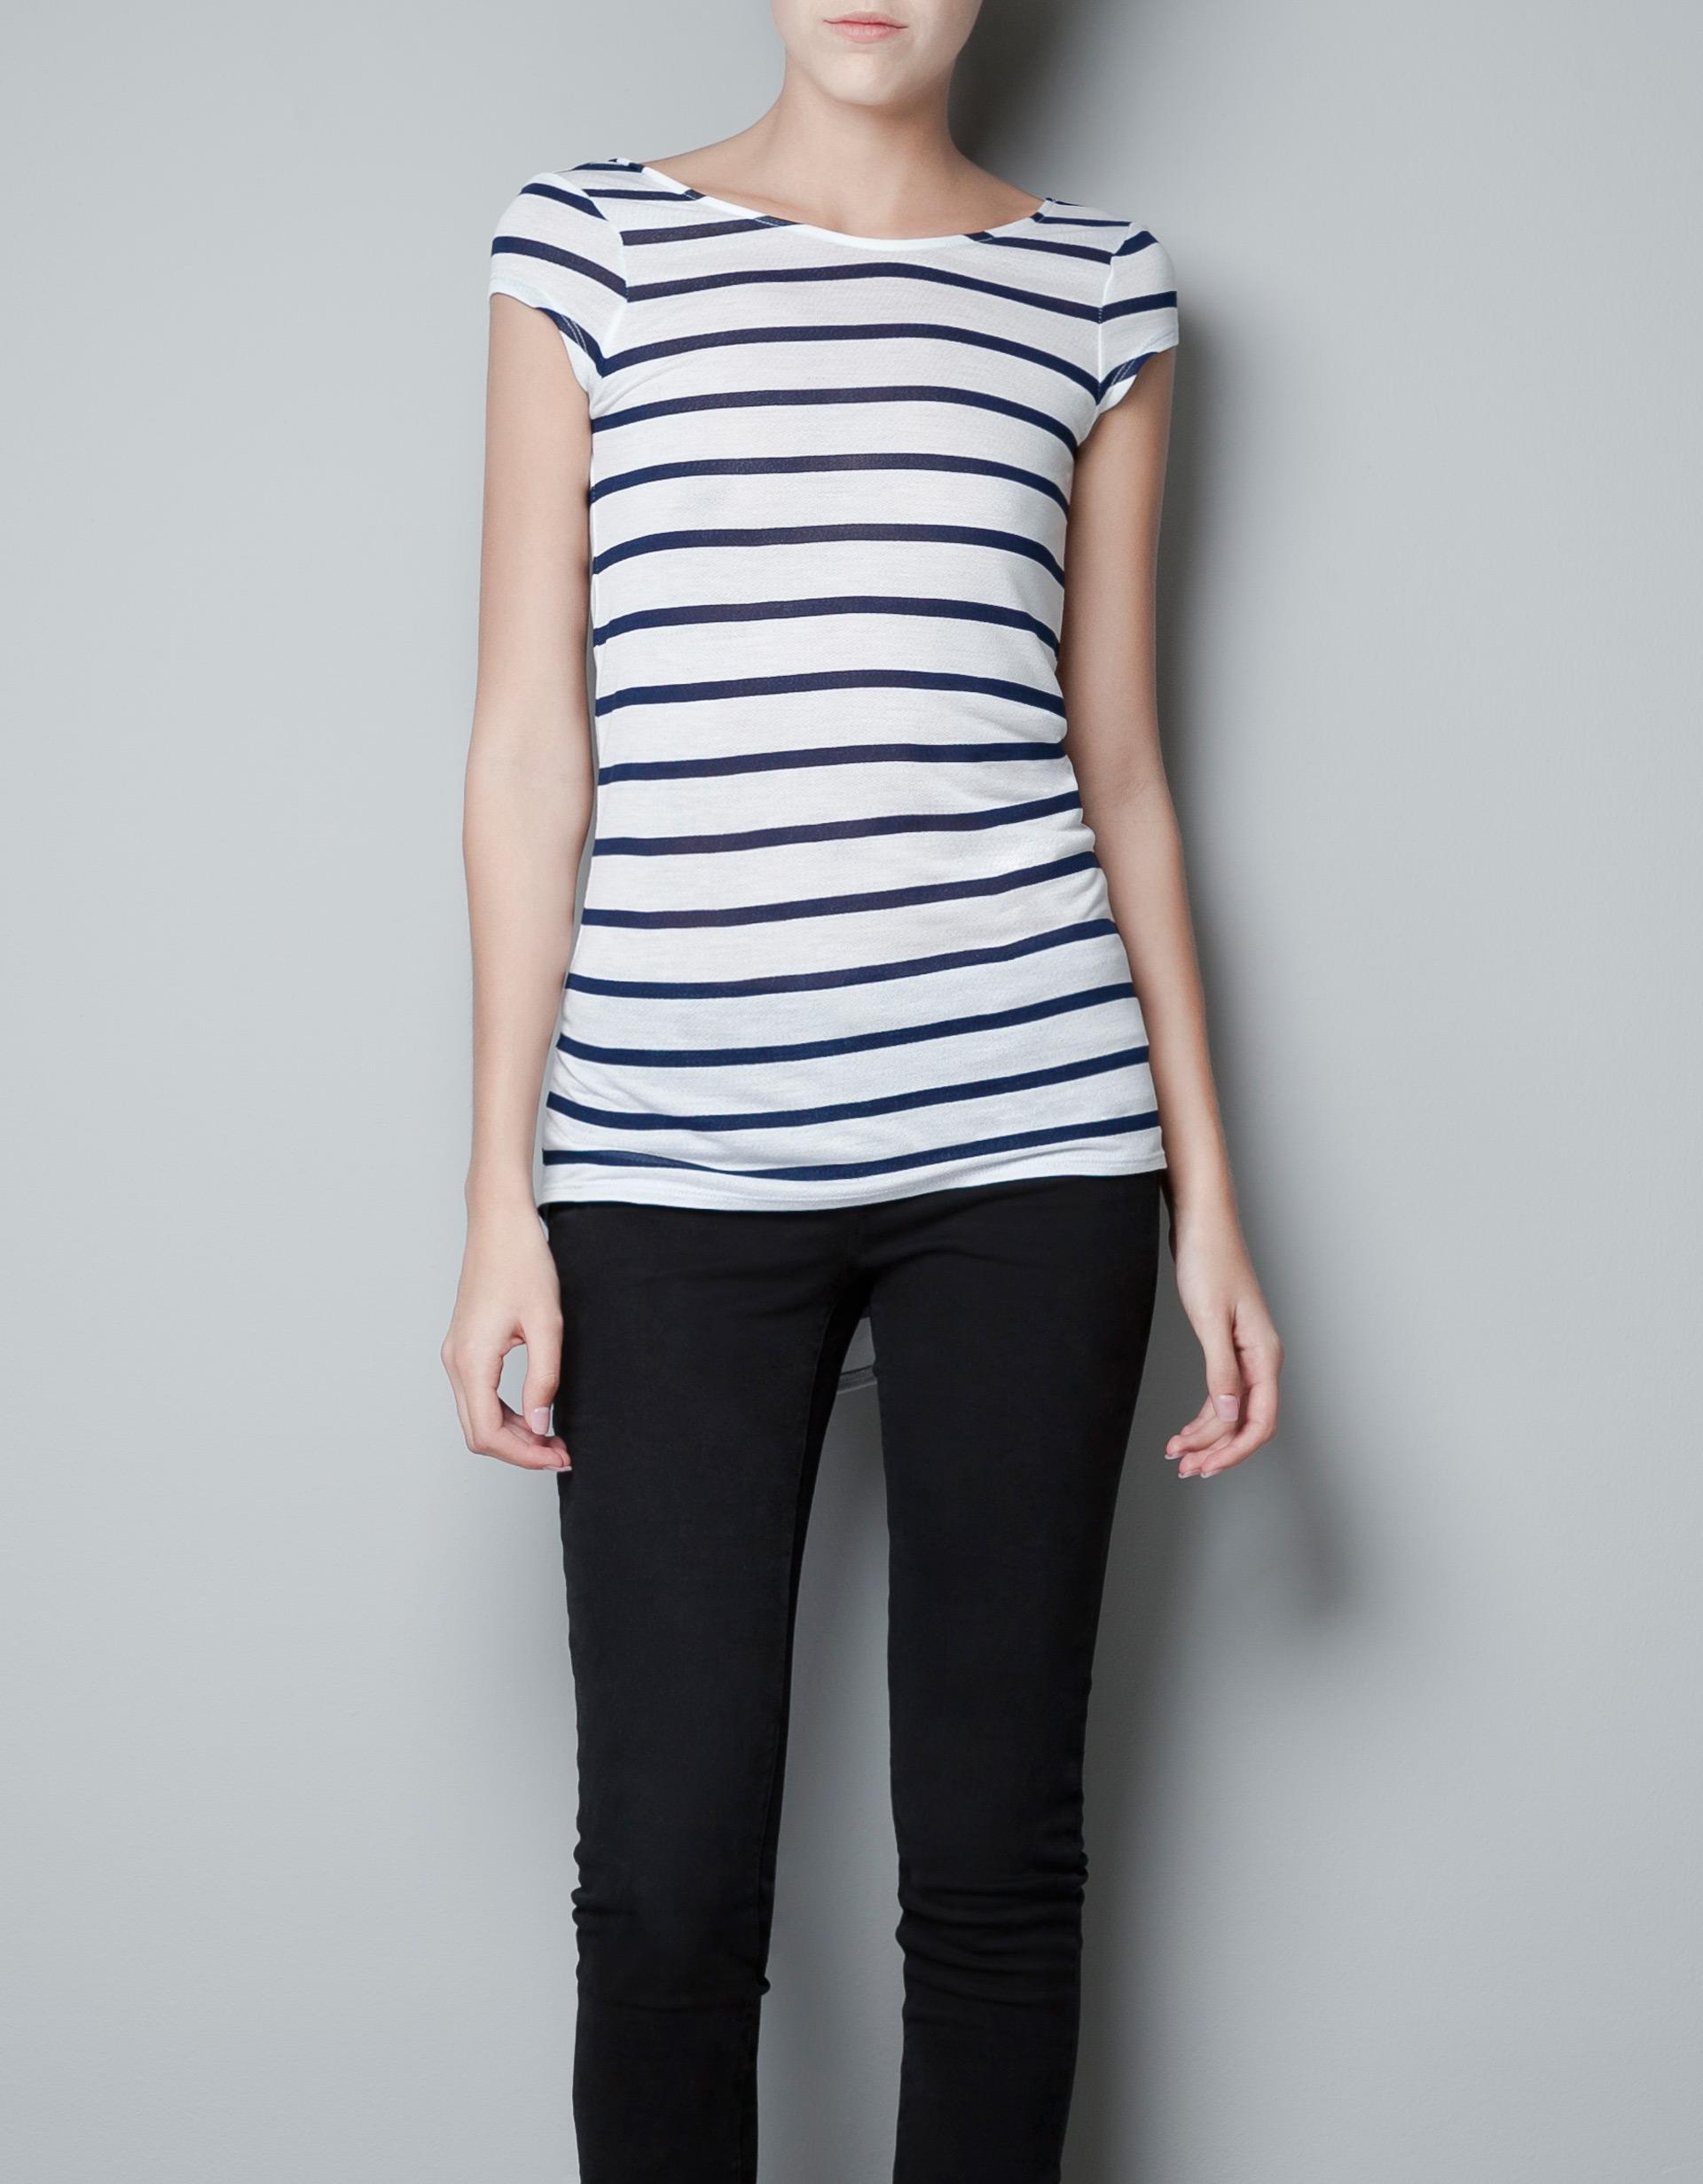 Zara Cute Sweet Tshirt with Low Cut Back in White whitenavy  Lyst